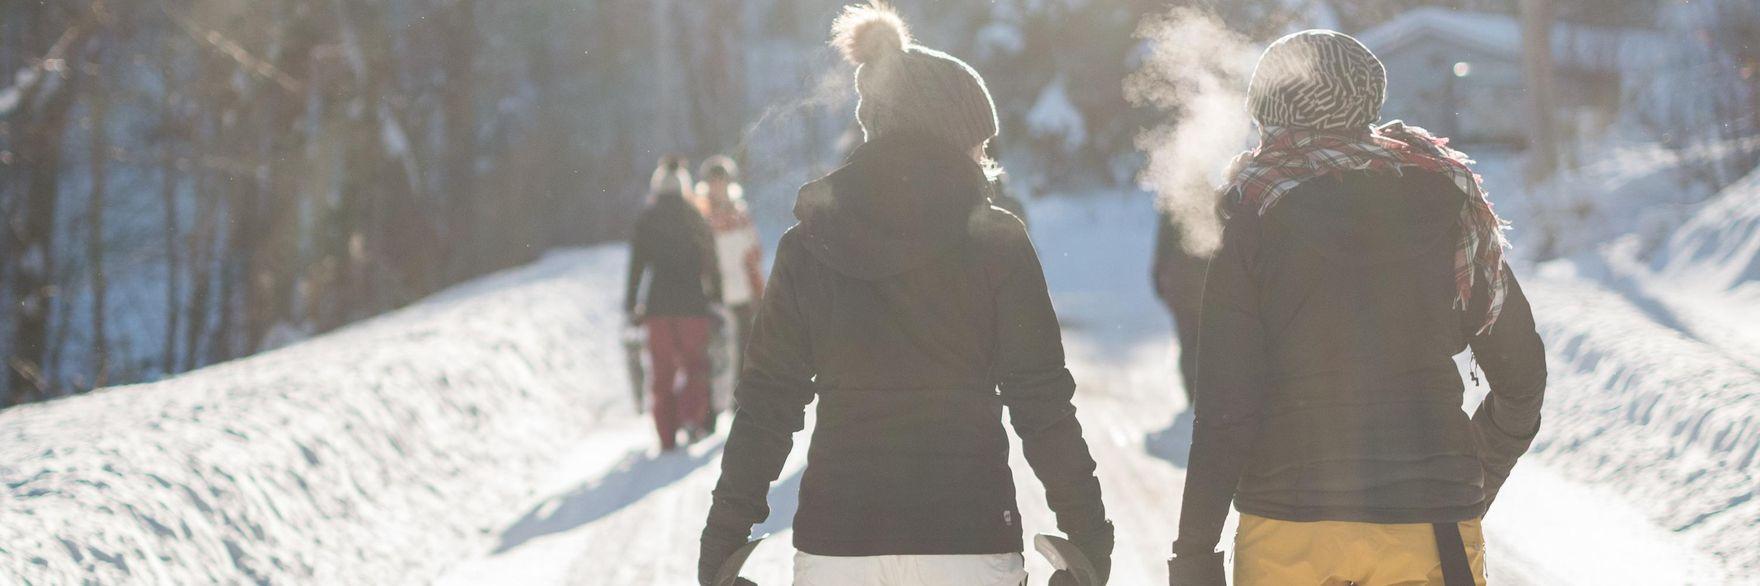 Romantische Winterwanderungen in den Zillertaler Bergen - Wellness für Body & Soul